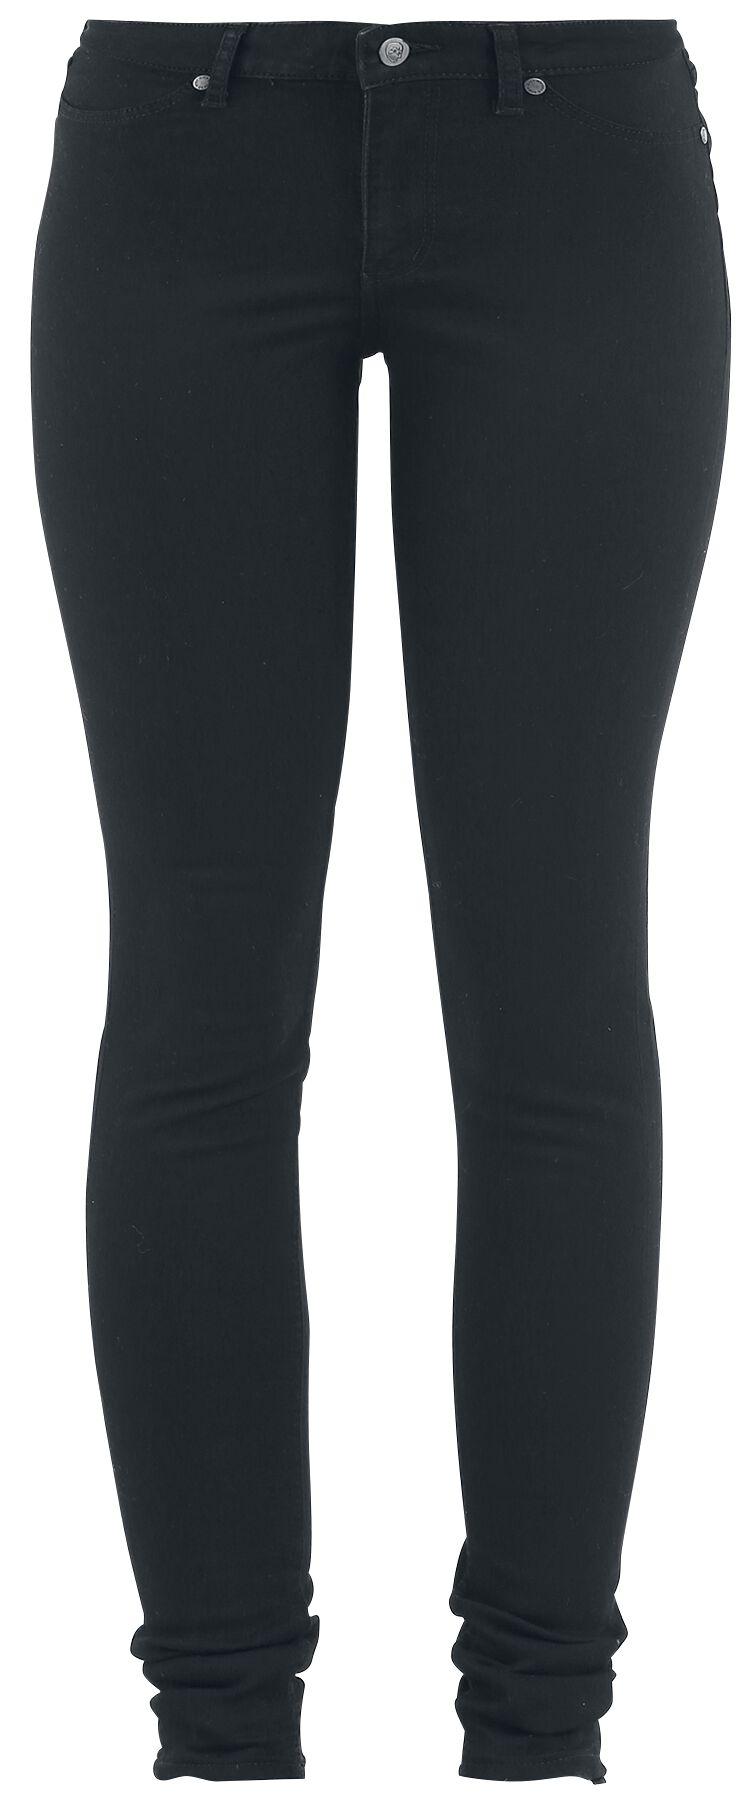 Hosen für Frauen - Cheap Monday Mid Spray Black Girl Jeans schwarz  - Onlineshop EMP